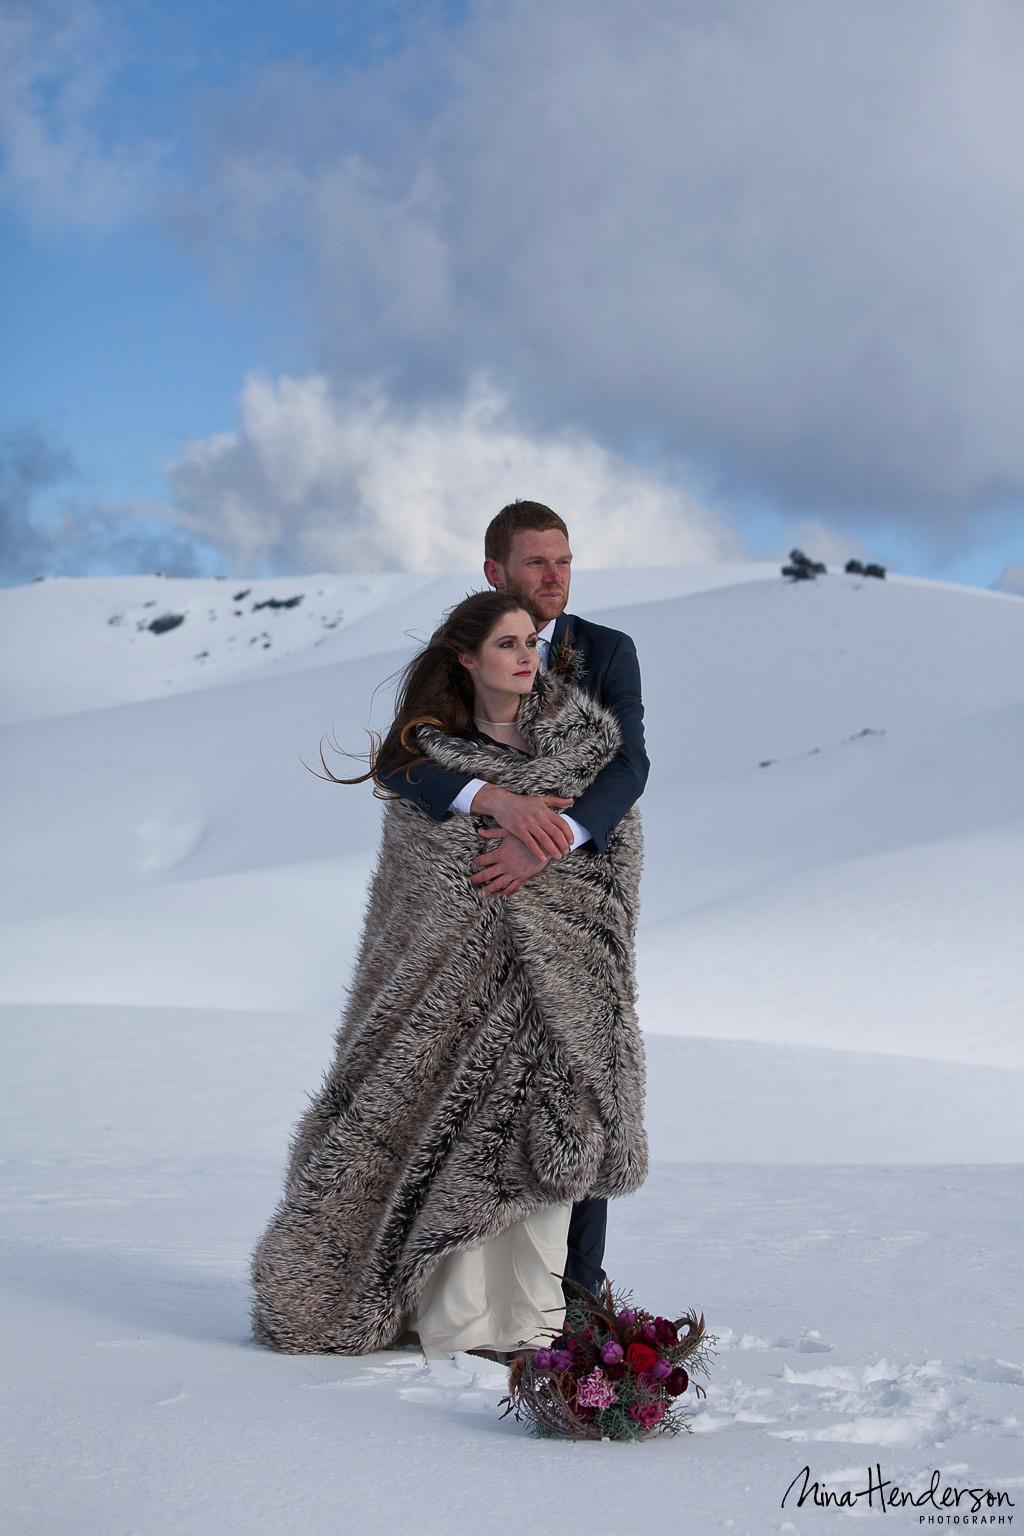 Styled winter wedding photo-shoot_Sept 2015__web + email resized_011.jpg